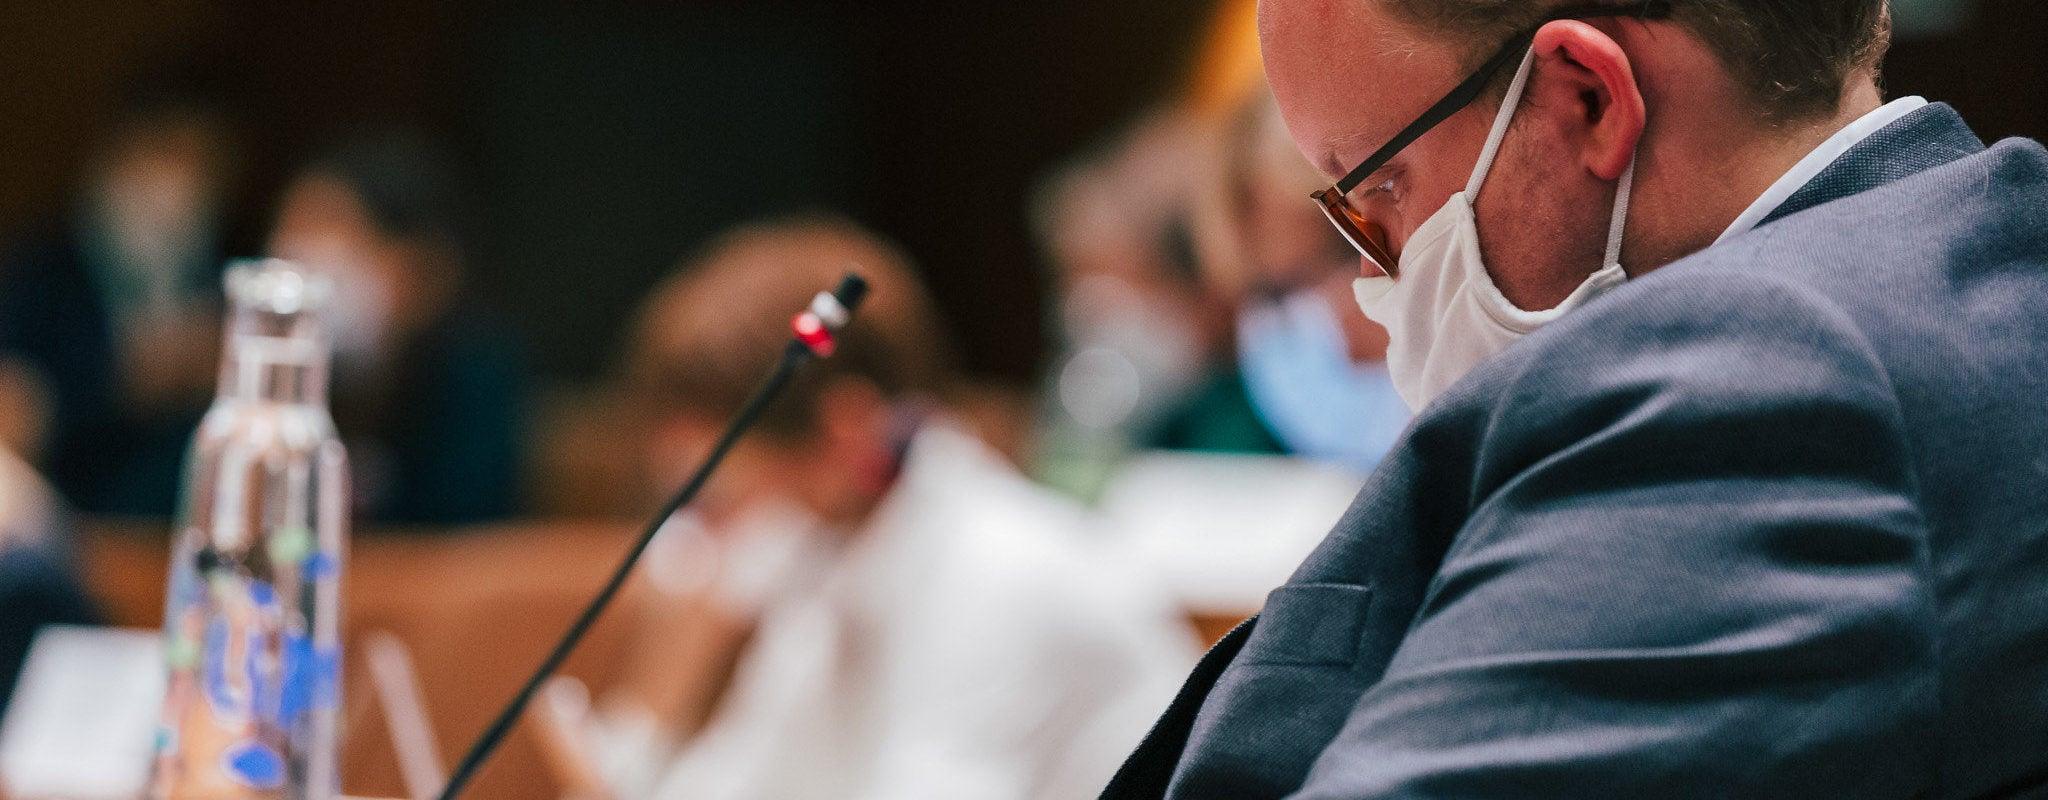 5G et Parlement européen vont animer la fin de conseil municipal